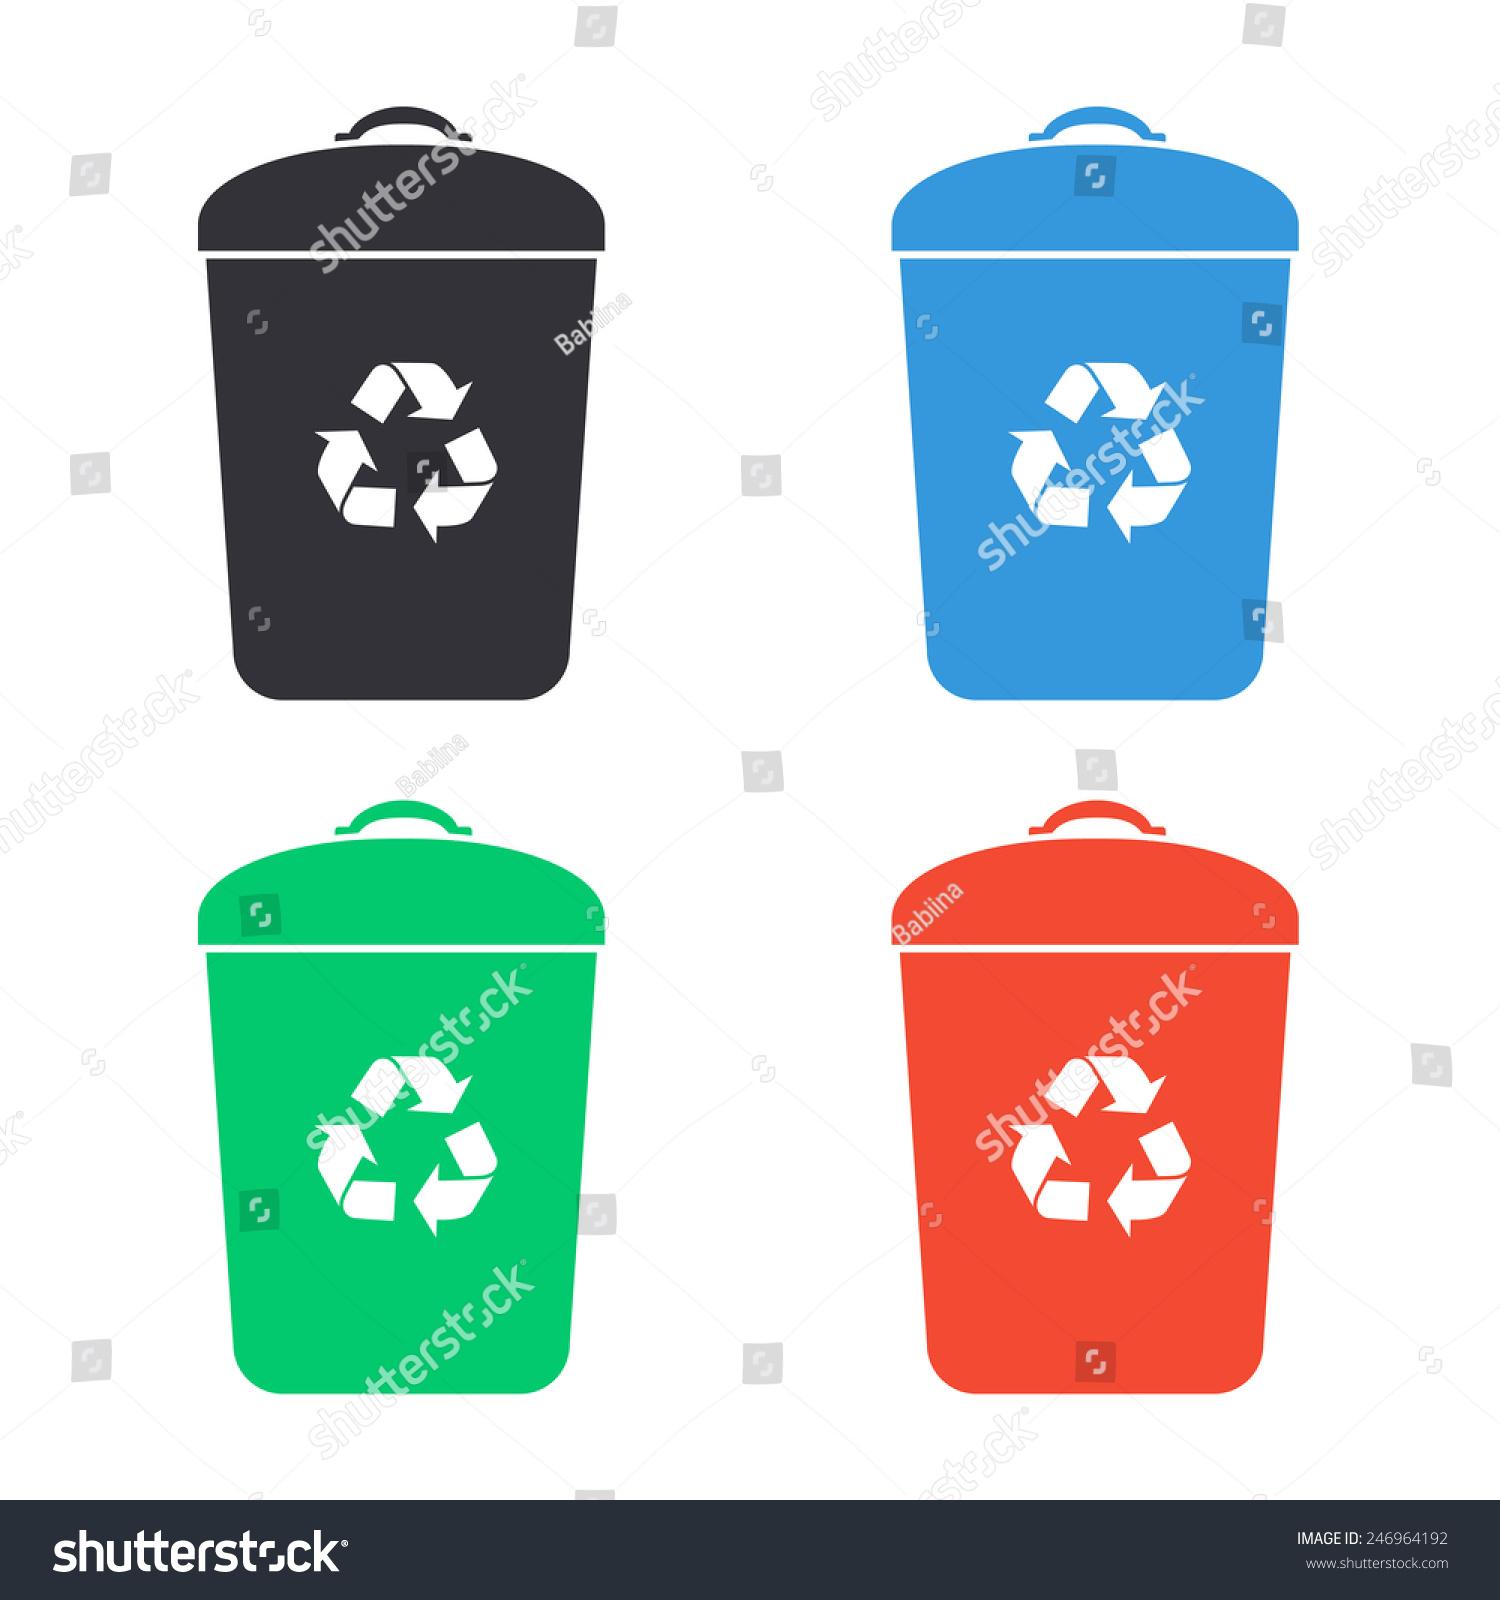 垃圾桶图标——彩色矢量插图图片